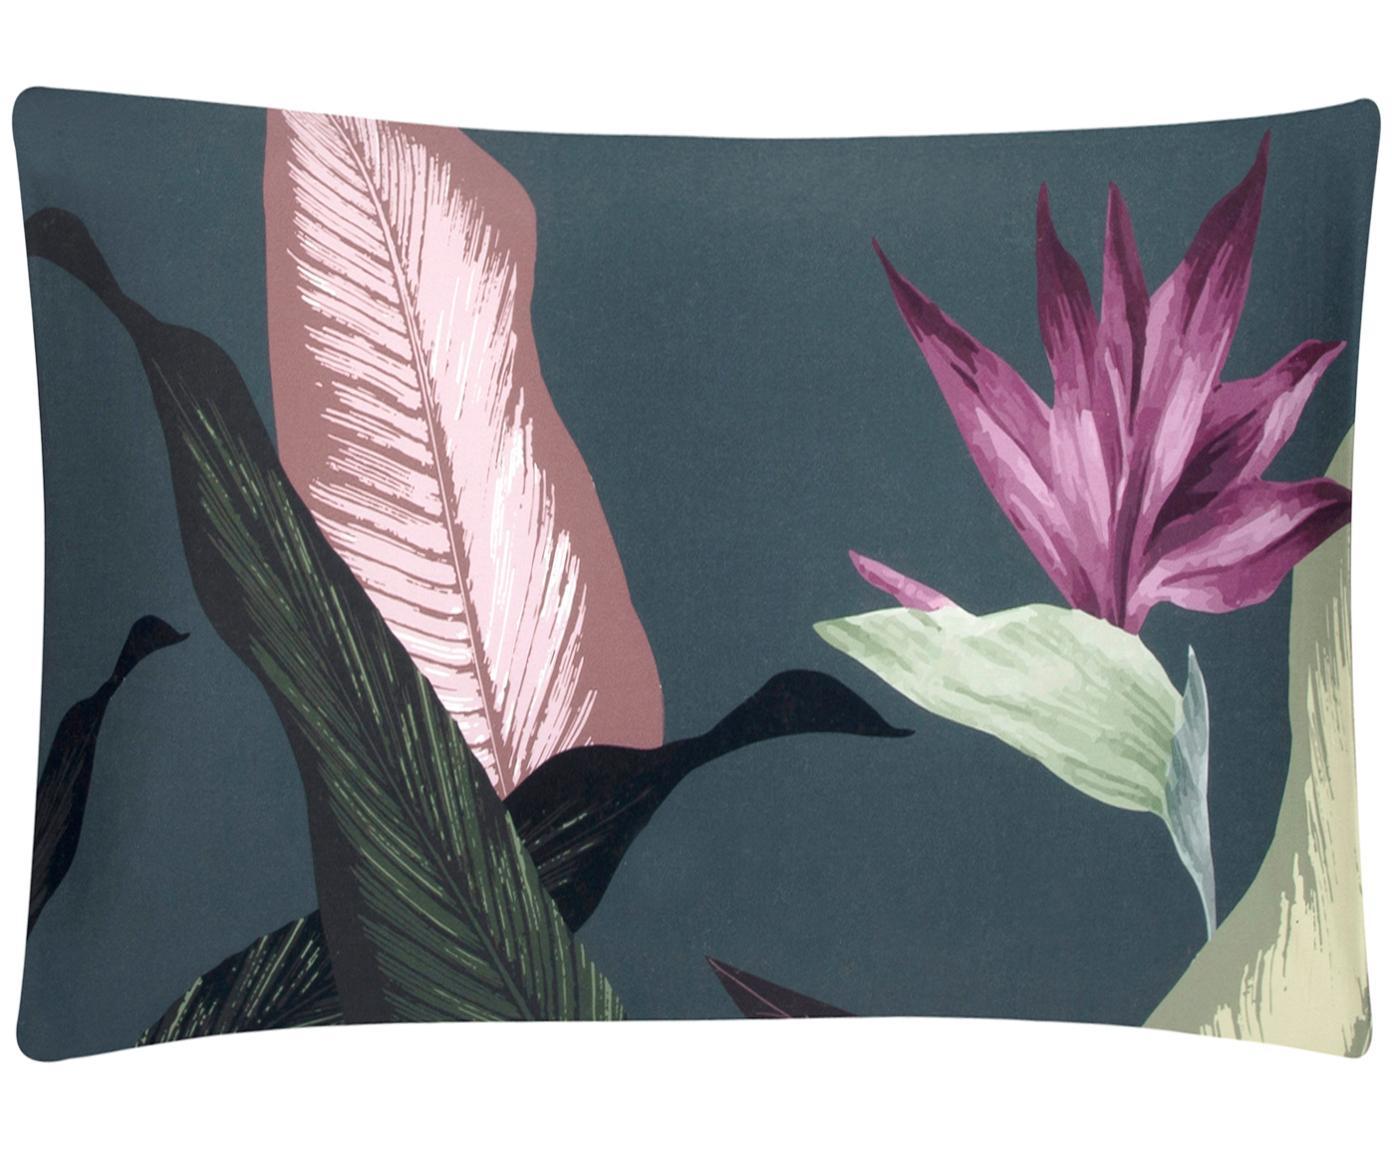 Funda de almohada de satén Flora, caras distintas, Multicolor, gris oscuro, An 50 x L 70 cm